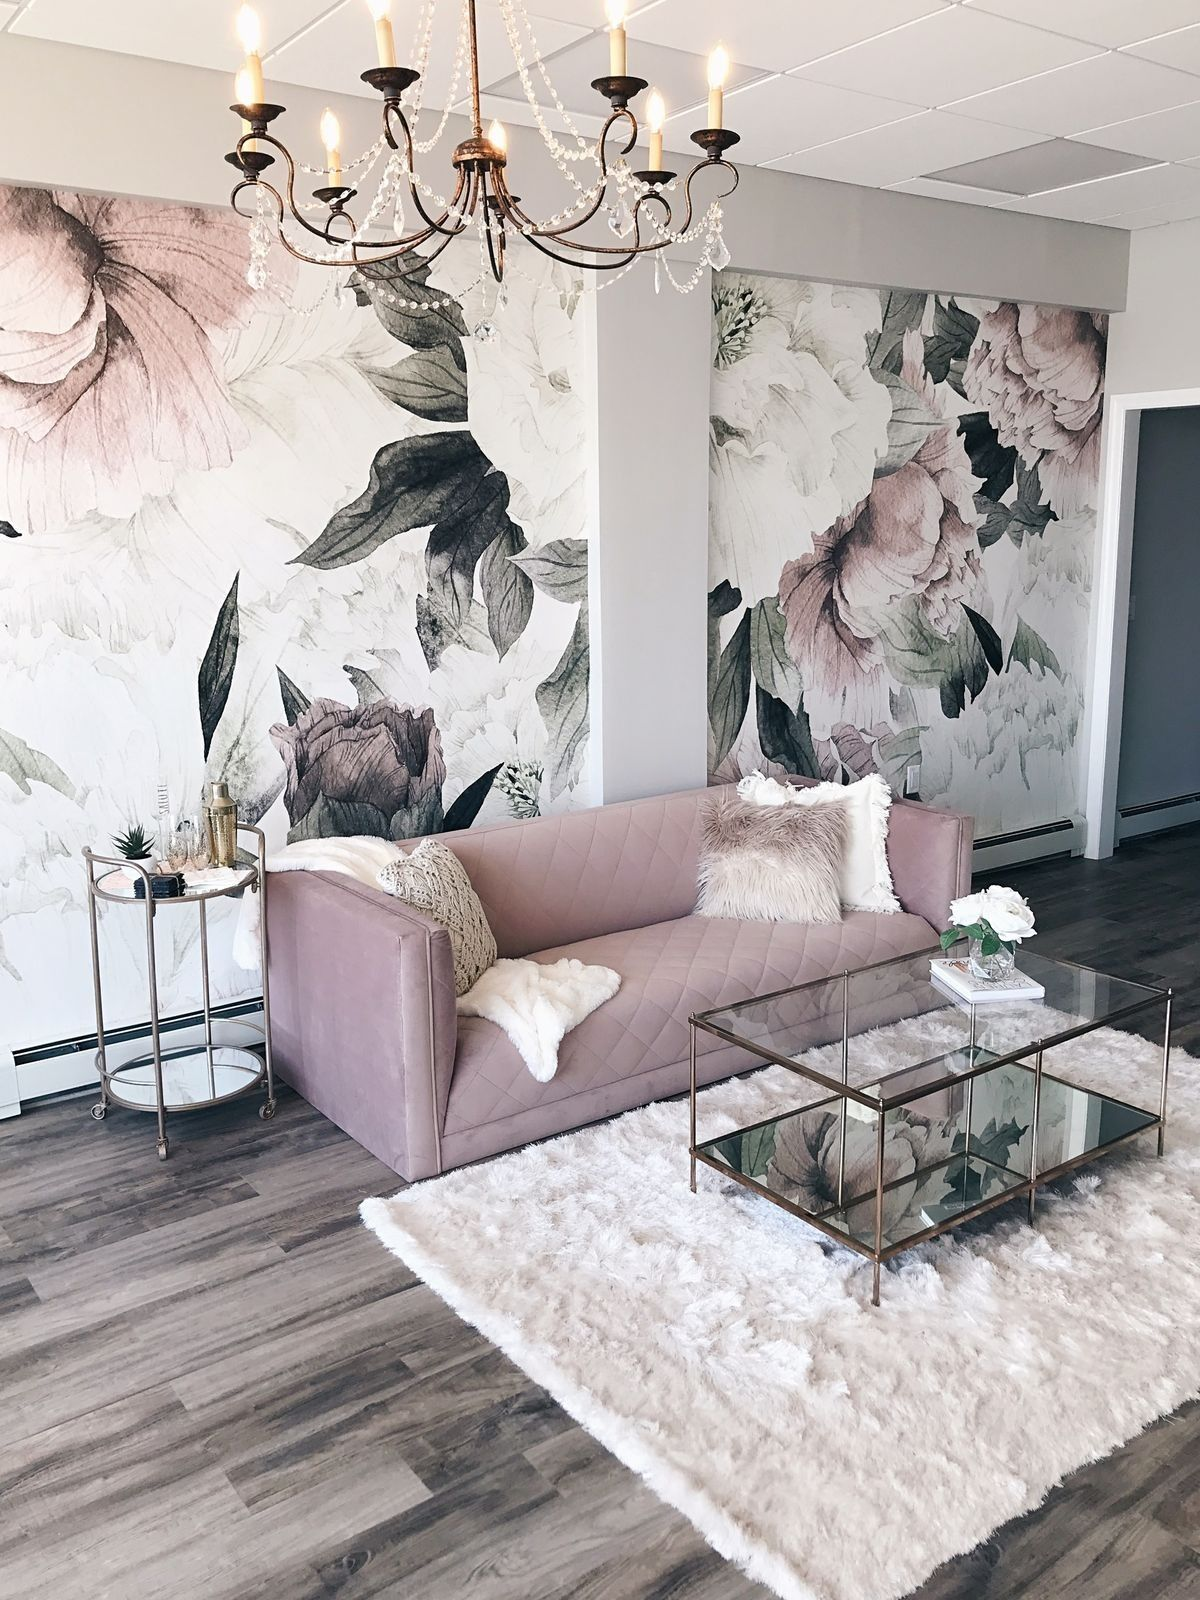 Arredare il soggiorno moderno con carta da parati a motivi floreali. Carta Da Parati Moderna Tutto Quello Che Devi Sapere Glam Interior Design Modern Glam Interior Design Living Room Designs